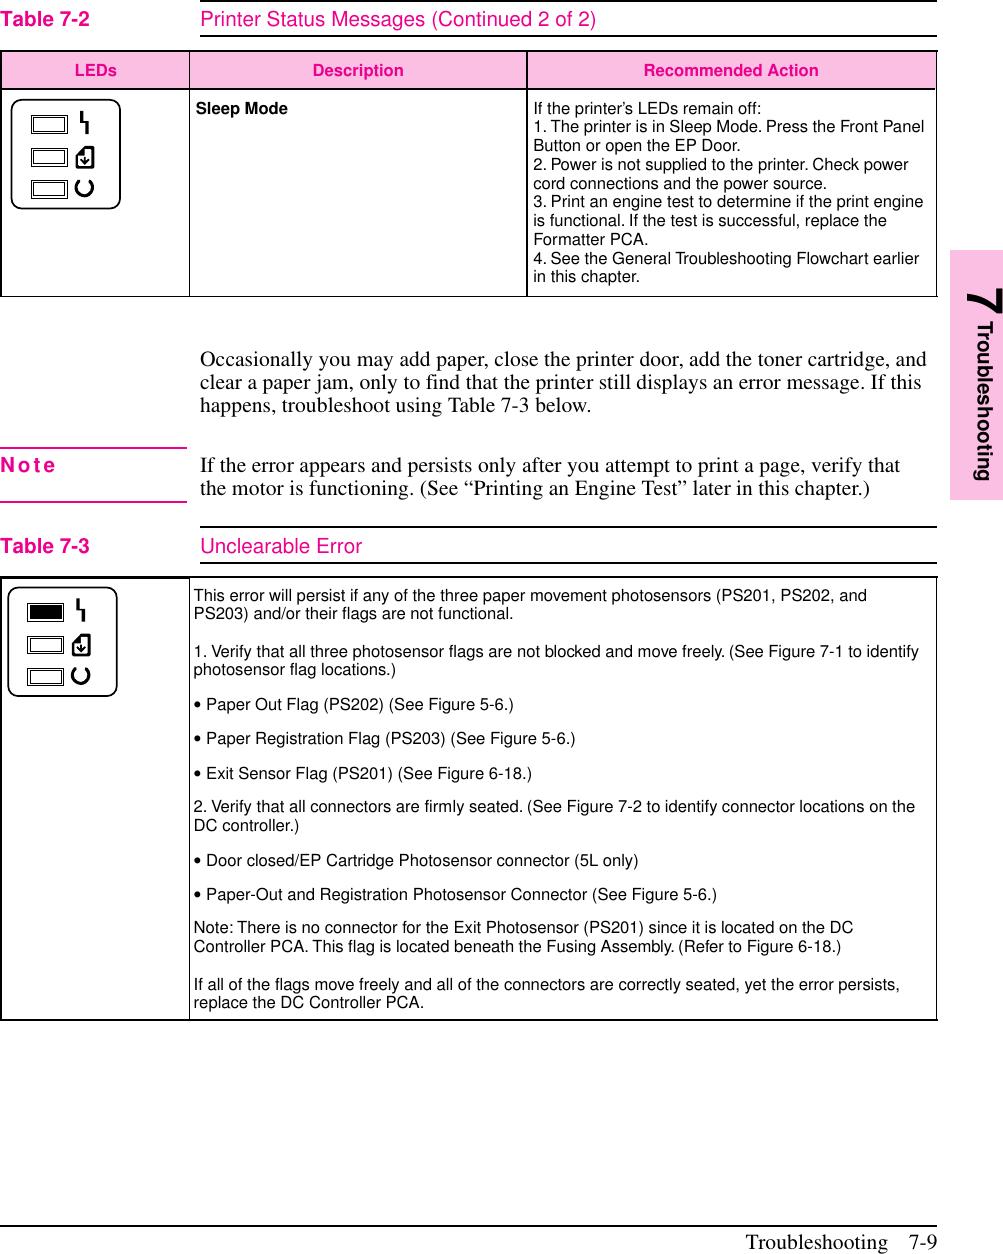 Hp Laserjet 5L Users Manual And 6L Printer Service Manual, C3990 90991